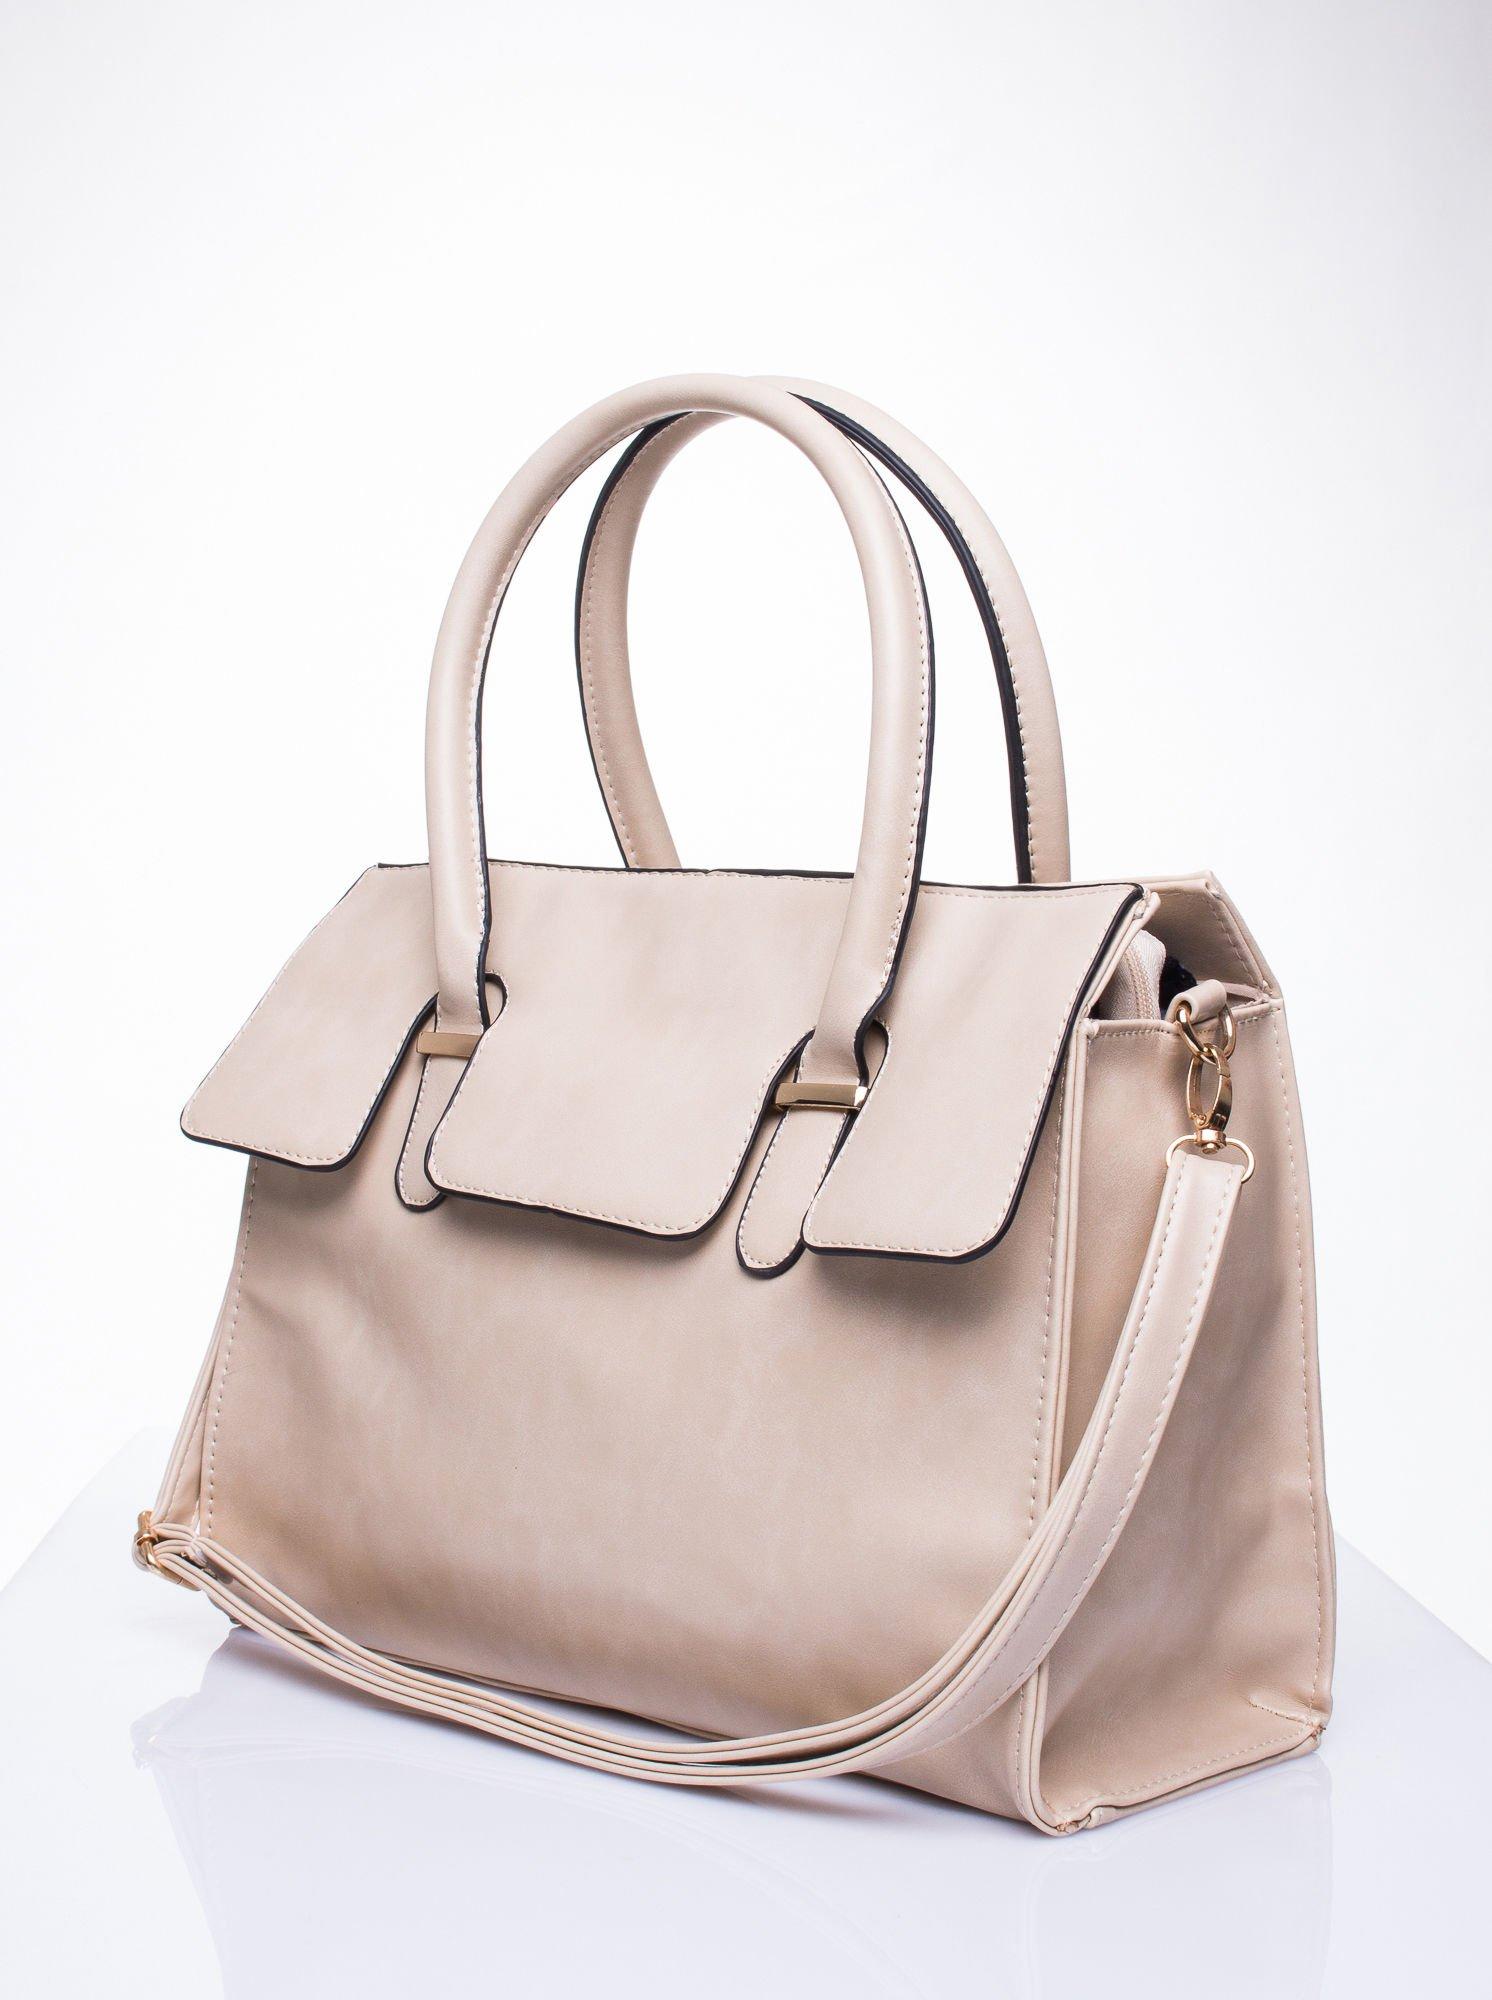 Kremowa torebka teczka z klapką                                  zdj.                                  3